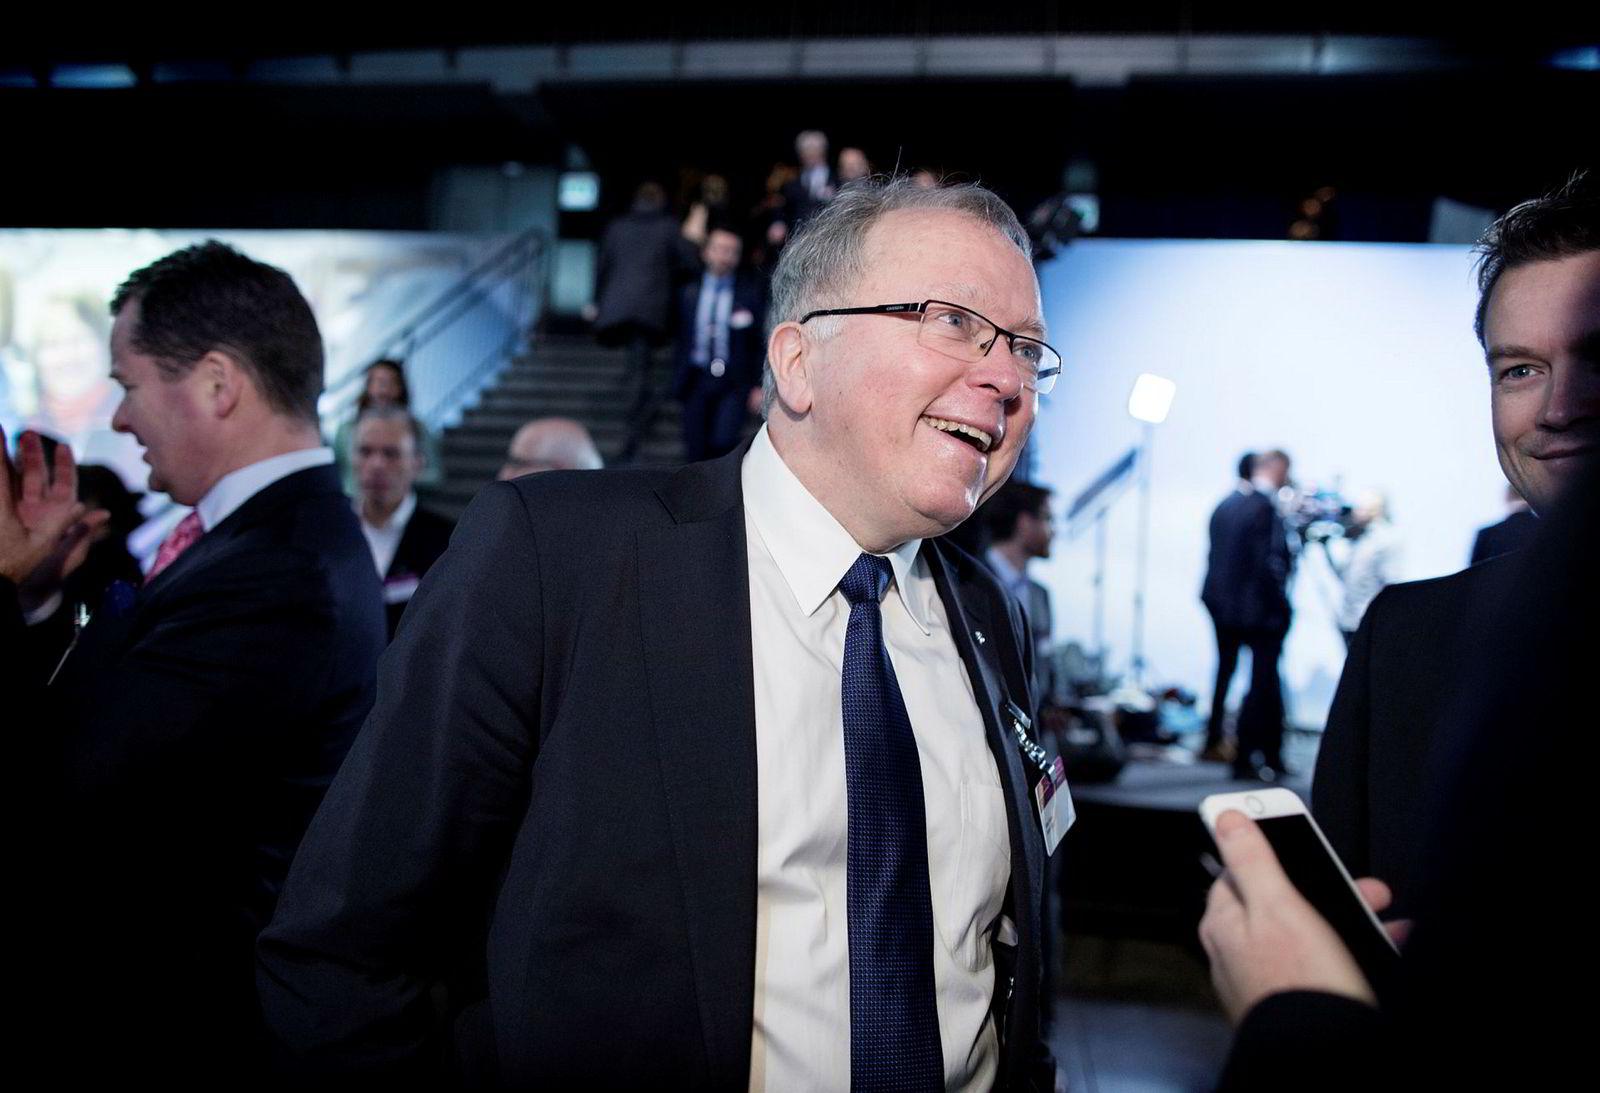 Eldar Sætre i Statoil ankom NHOs årskonferanse i Oslo Spektrum tirsdag morgen.